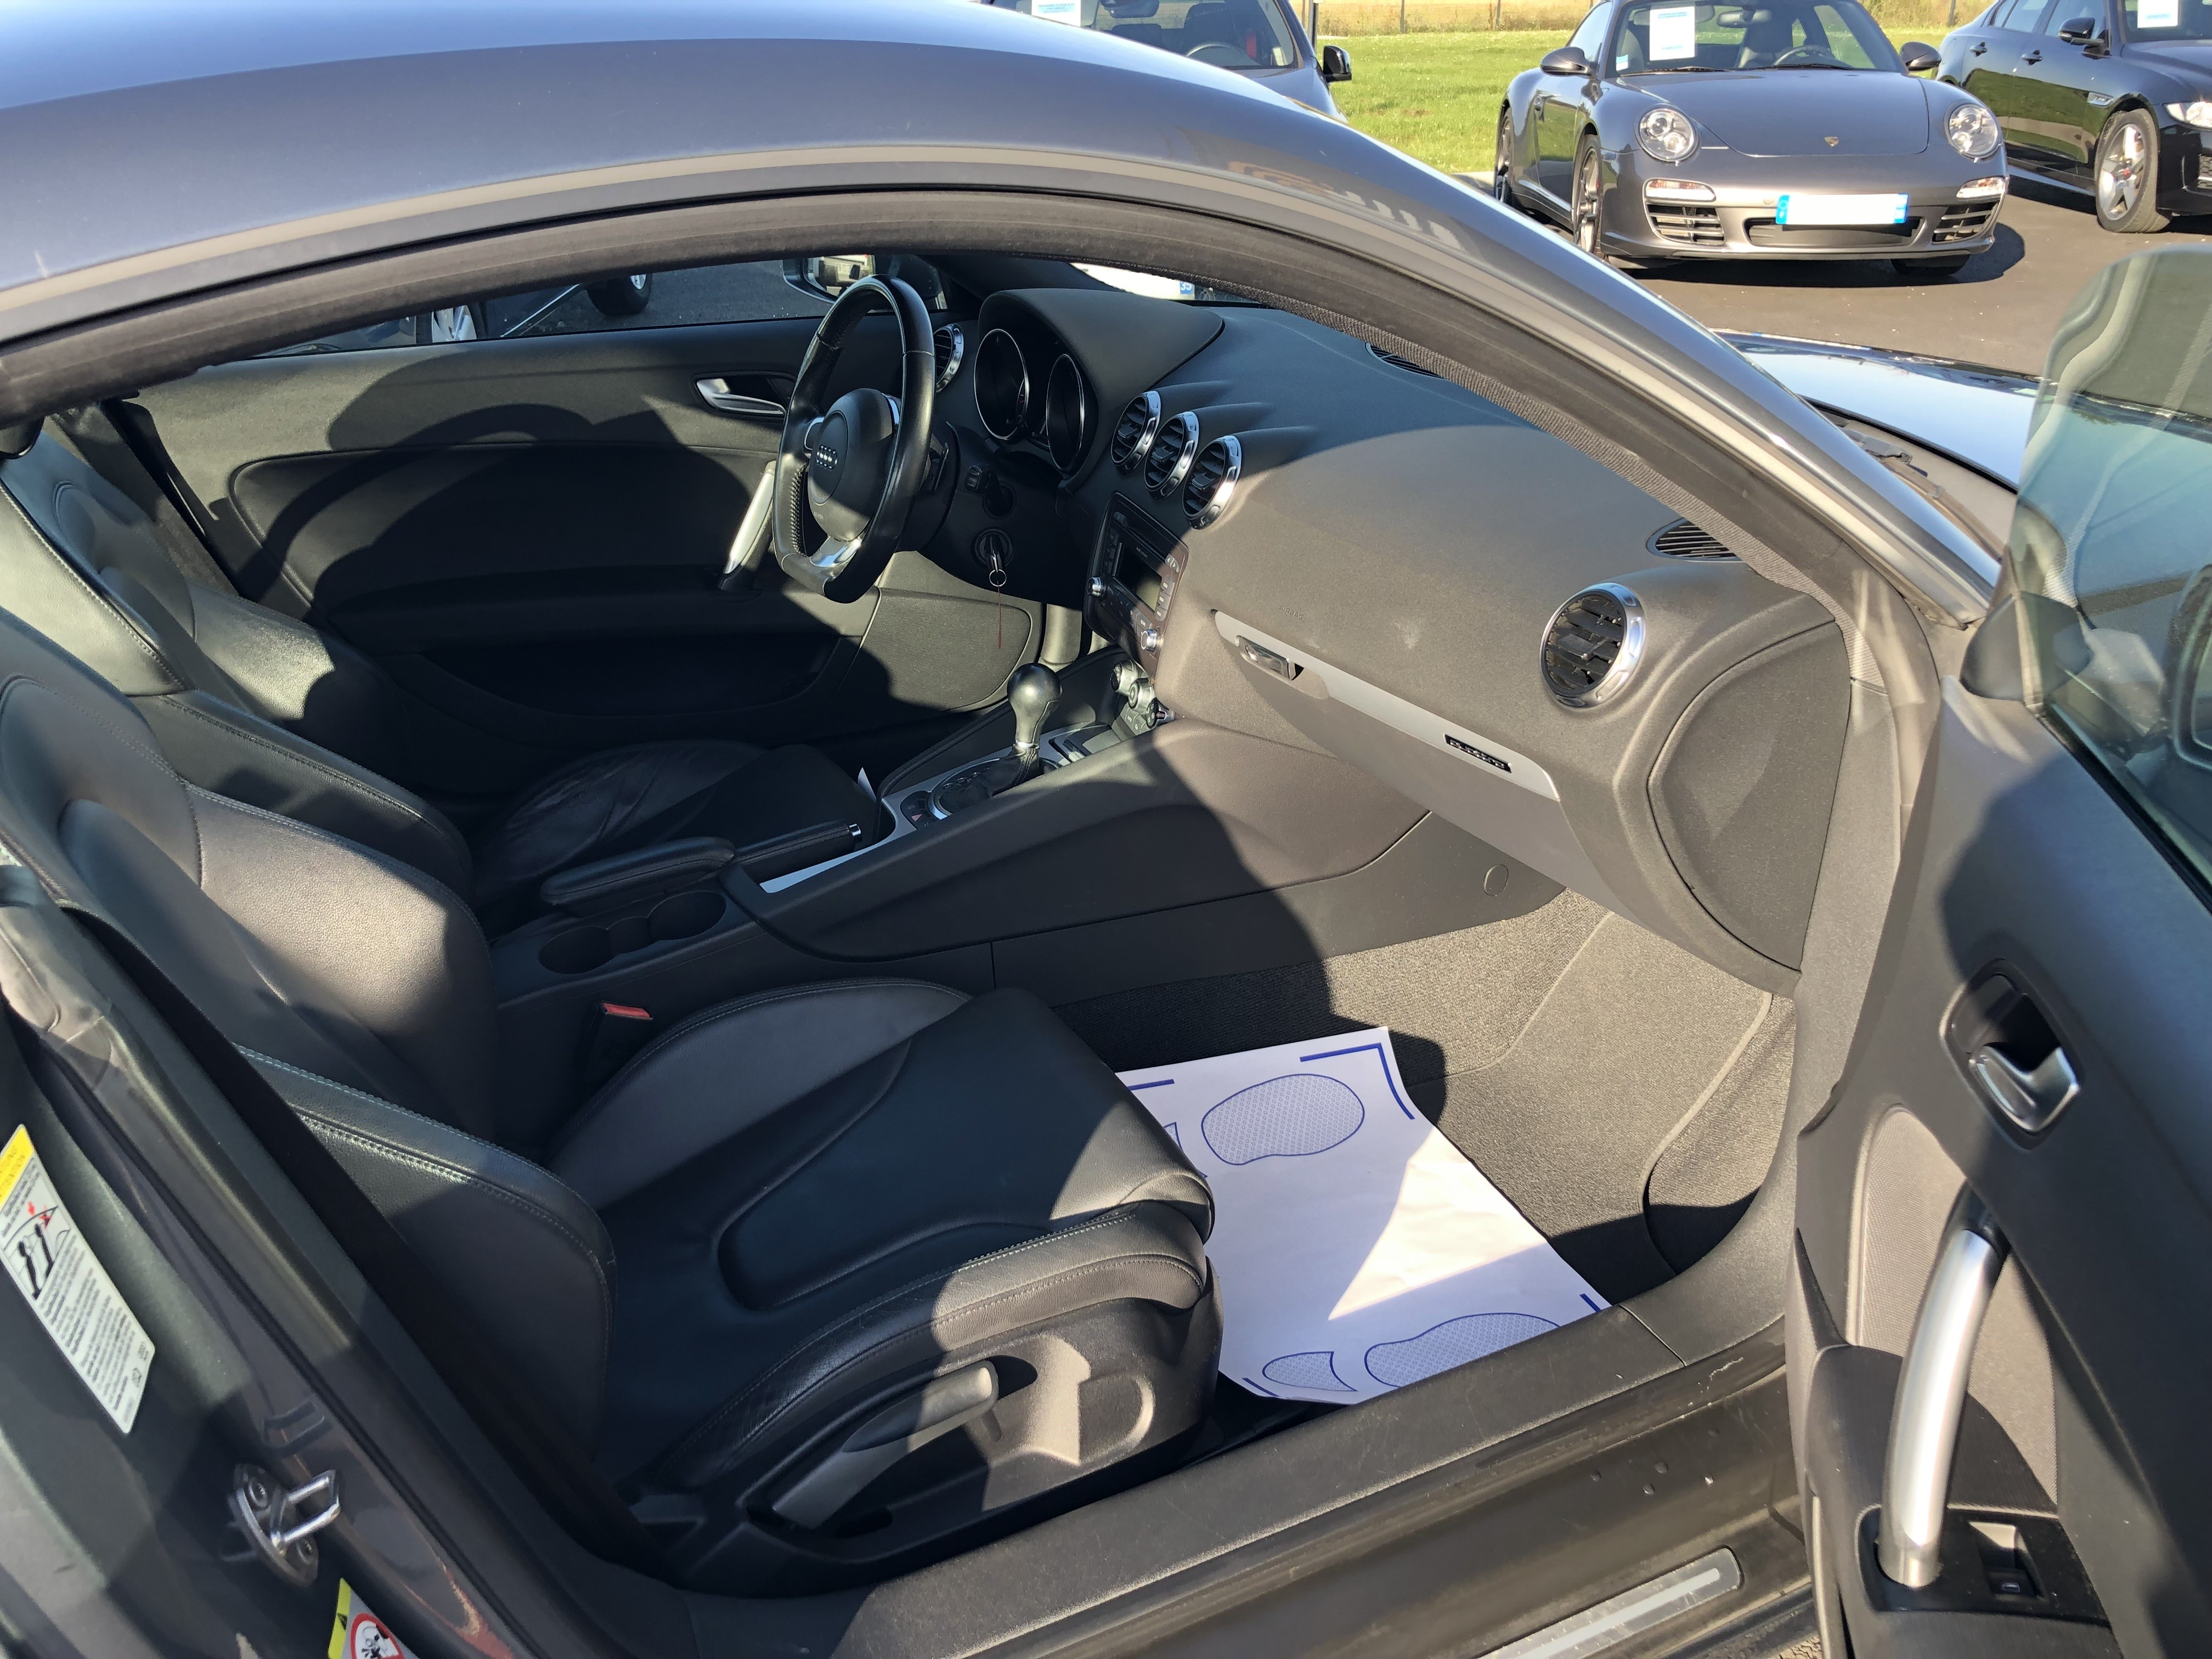 Audi TT 3,2 V6 Quattro S-Tronic 250cv